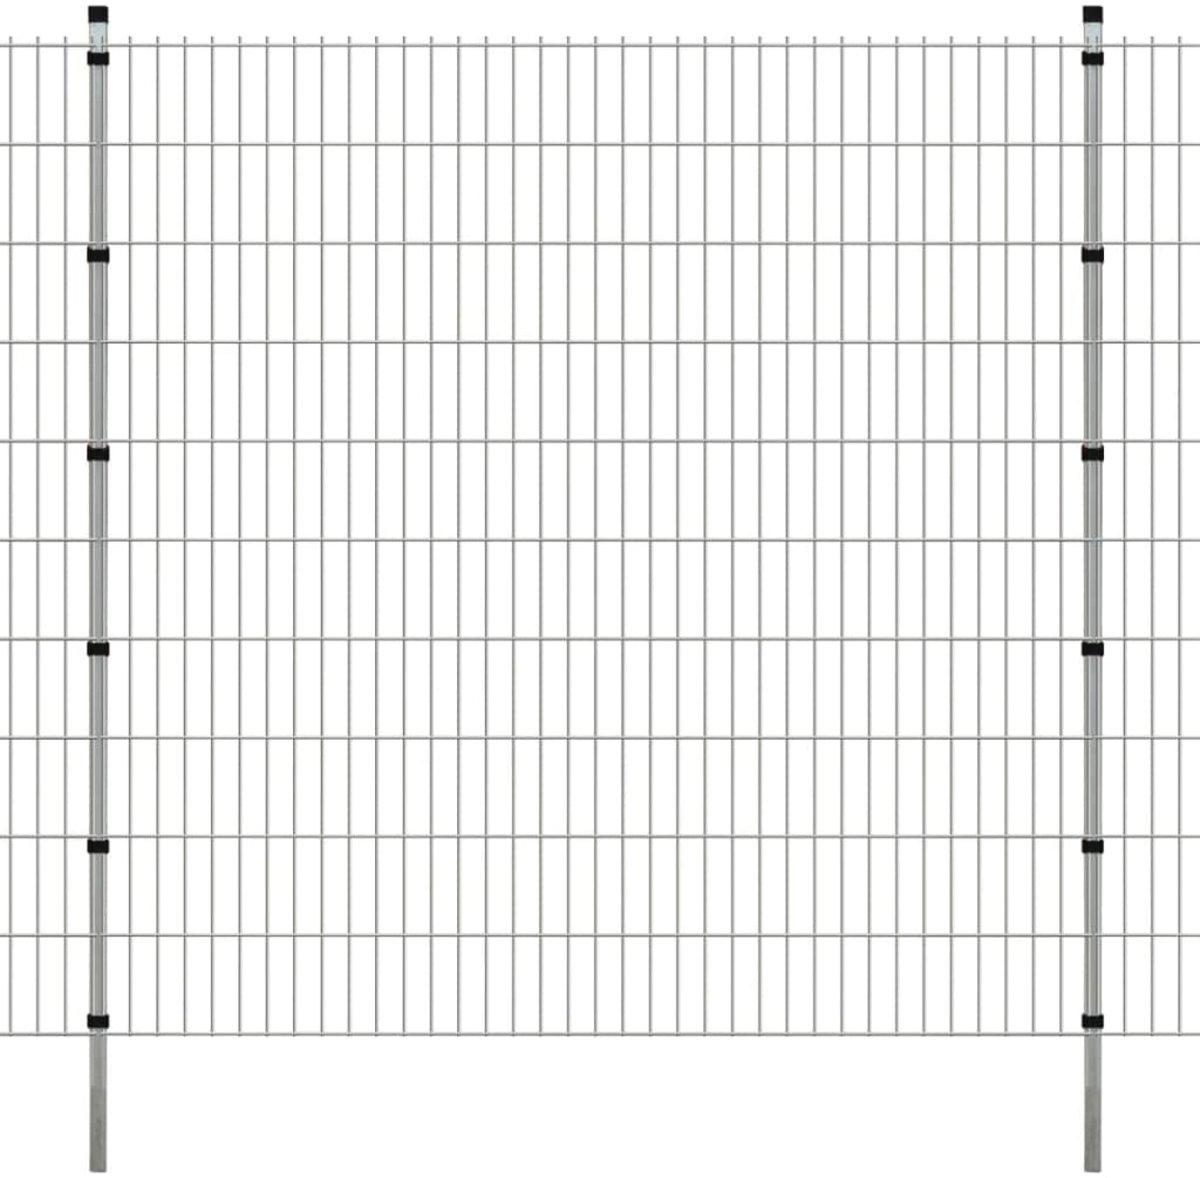 vidaXL Dubbelstaafmat 2008 x 2030 mm 46 m zilver 23 stuks kopen